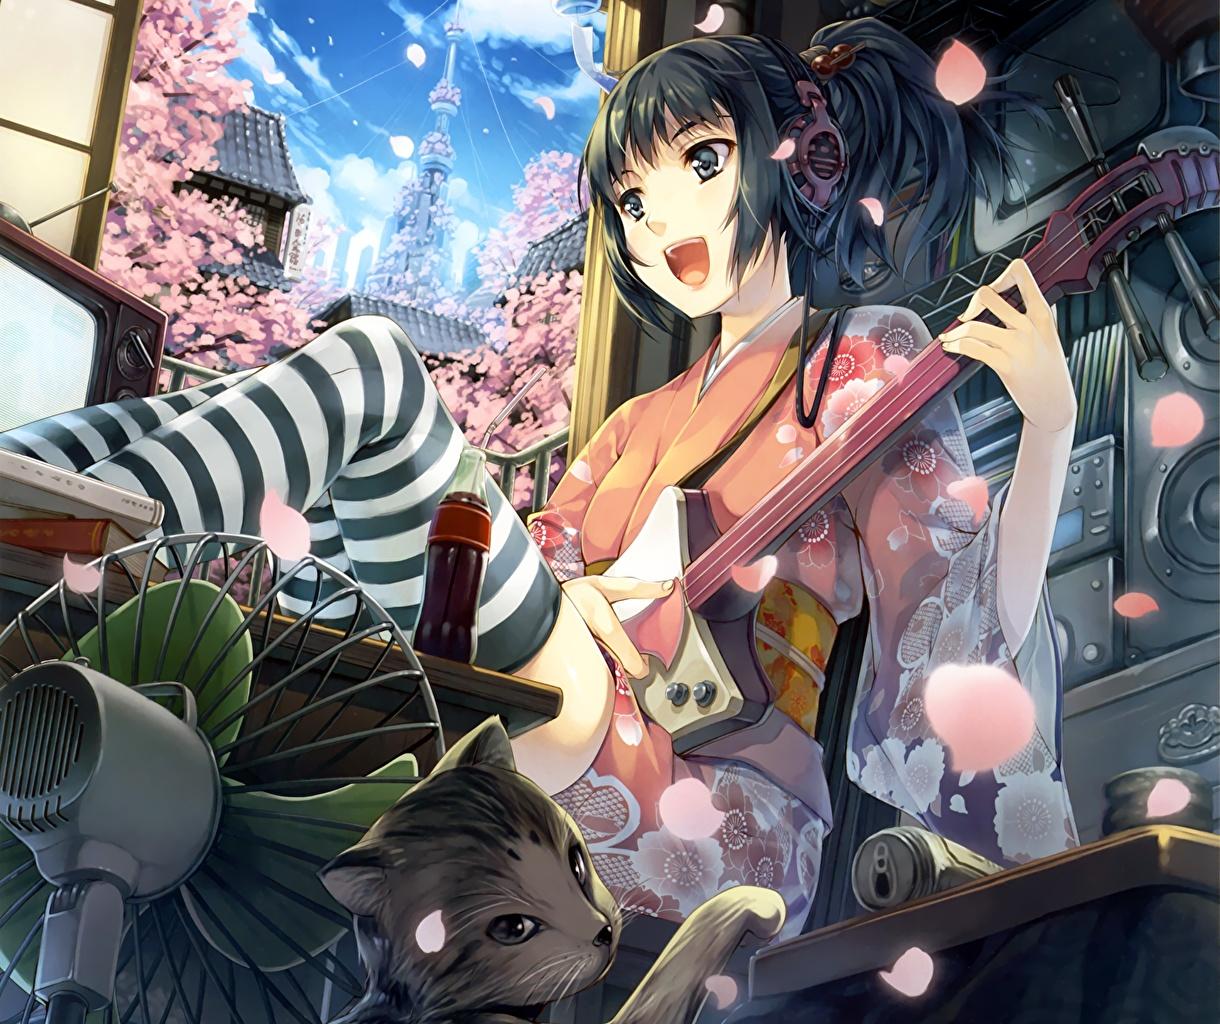 Wallpapers Stockings Headphones Brunette girl Guitar Kimono Girls Anime